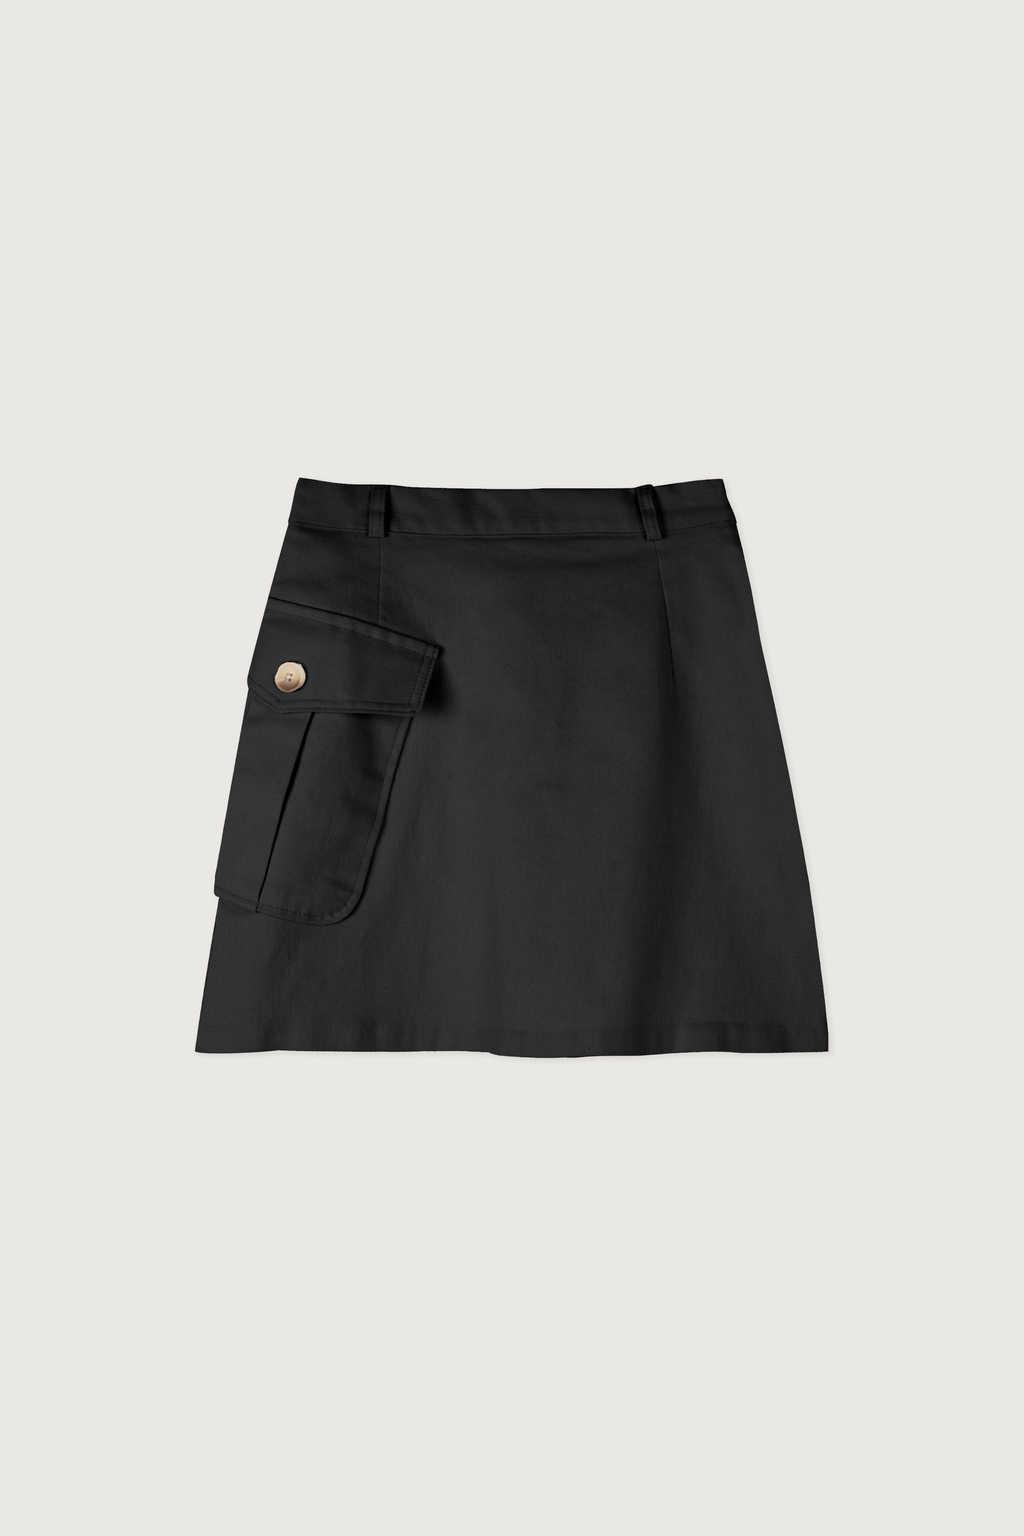 Skirt K007 Black 7